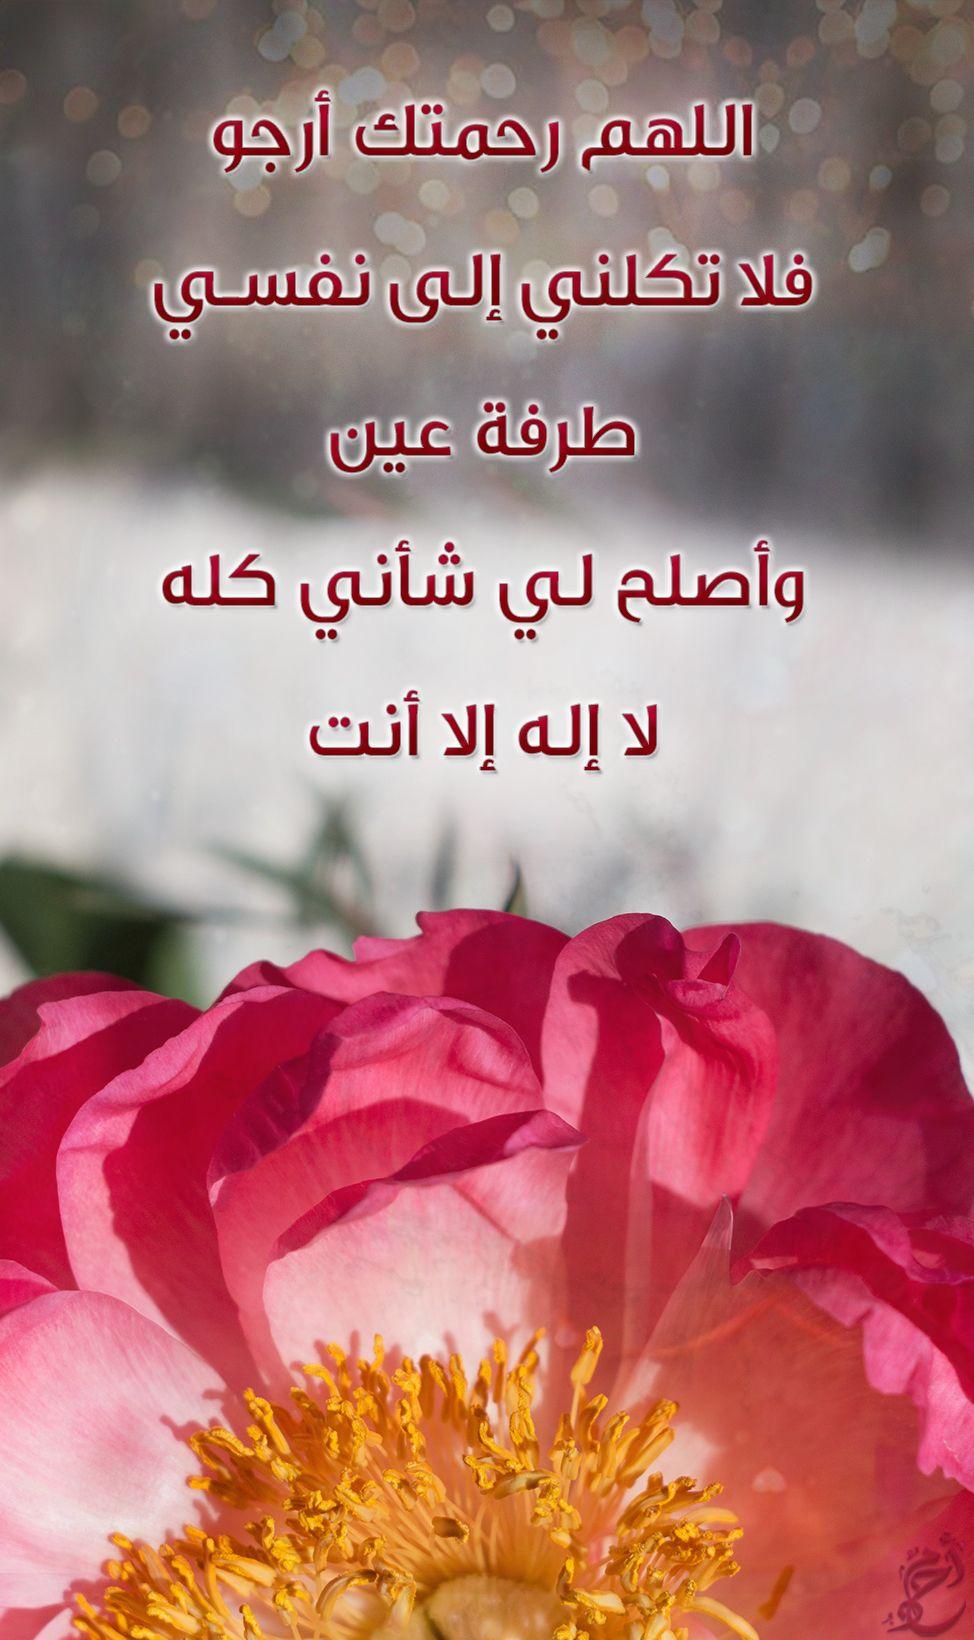 اللهم رحمتك أرجو فلا تكلني إلى نفسي طرفة عين Islamic Quotes Quotes I 9